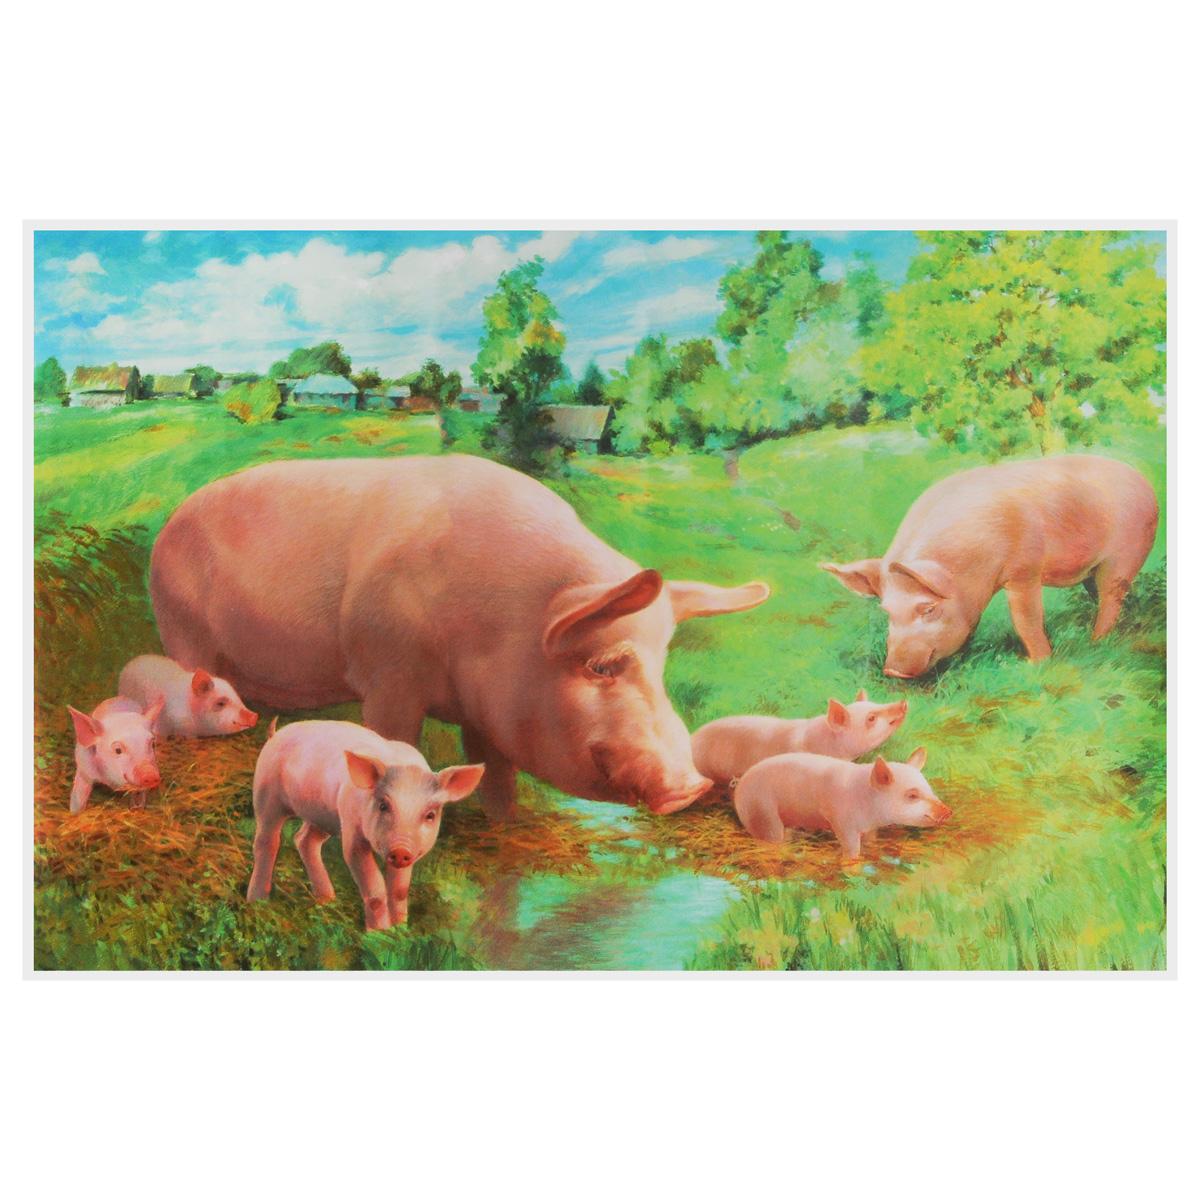 Свинья с поросятами. Плакат12296407Этот плакат познакомит вашего малыша с домашними животными. Красочные иллюстрации помогут ребёнку легко и быстро, в процессе игры, изучить и запомнить названия животных, их повадки и привычки. По сюжету плаката можно придумать увлекательную историю, что способствует развитию речи, воображения, мышления.